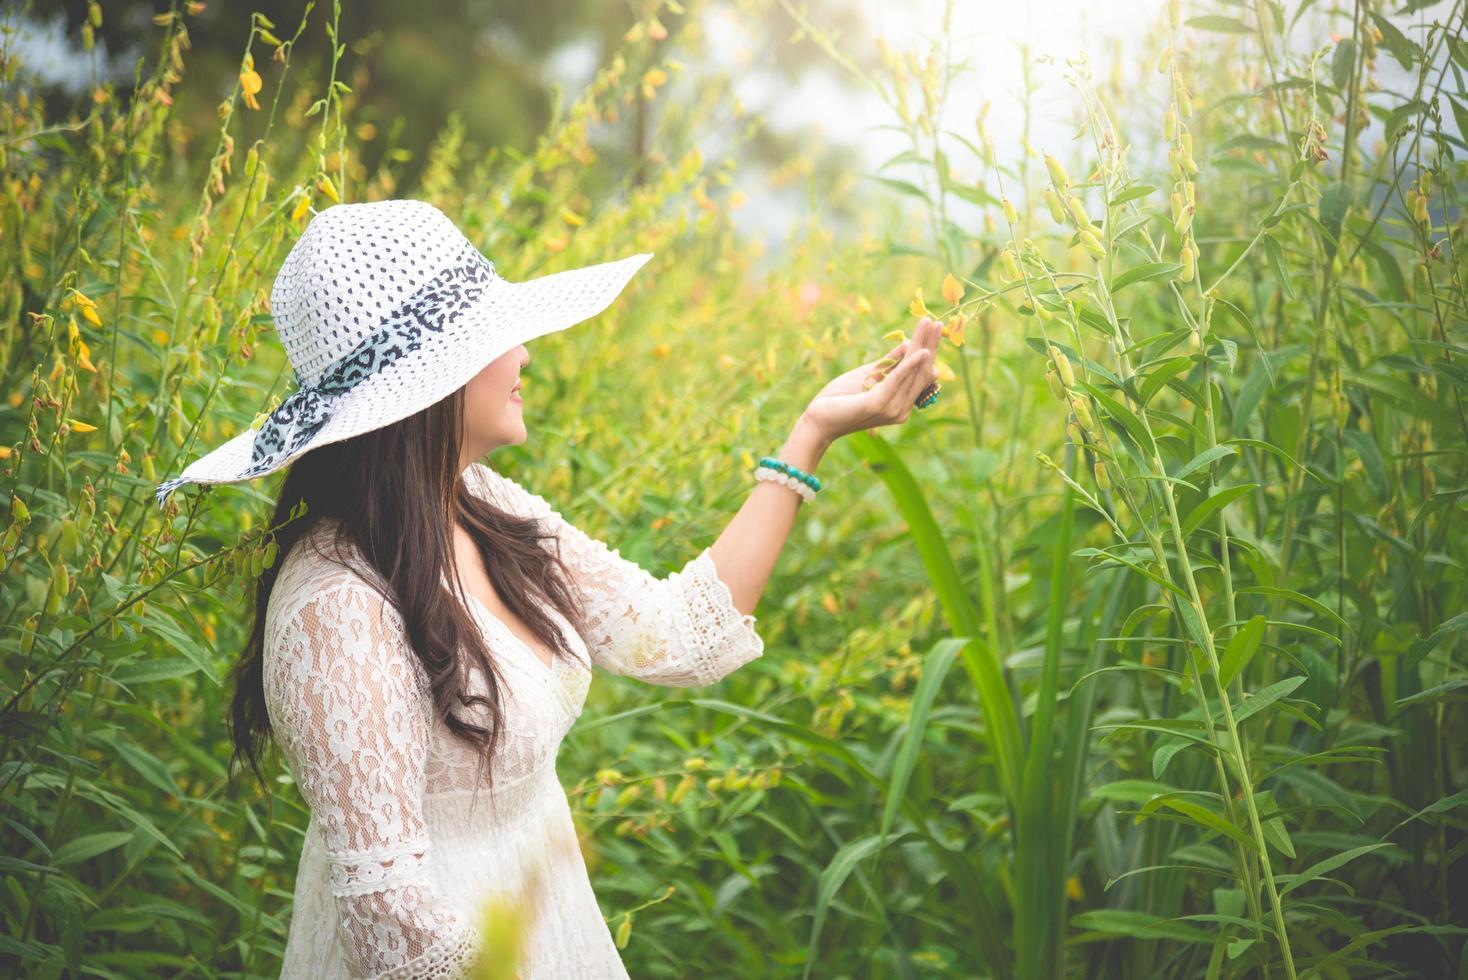 beauté femme asiatique en robe blanche et chapeau d'aile marchant dans le fond de champ de fleurs de colza. concept de détente et de voyage. bien-être vie heureuse de fille en vacances. nature et mode de vie des gens photo